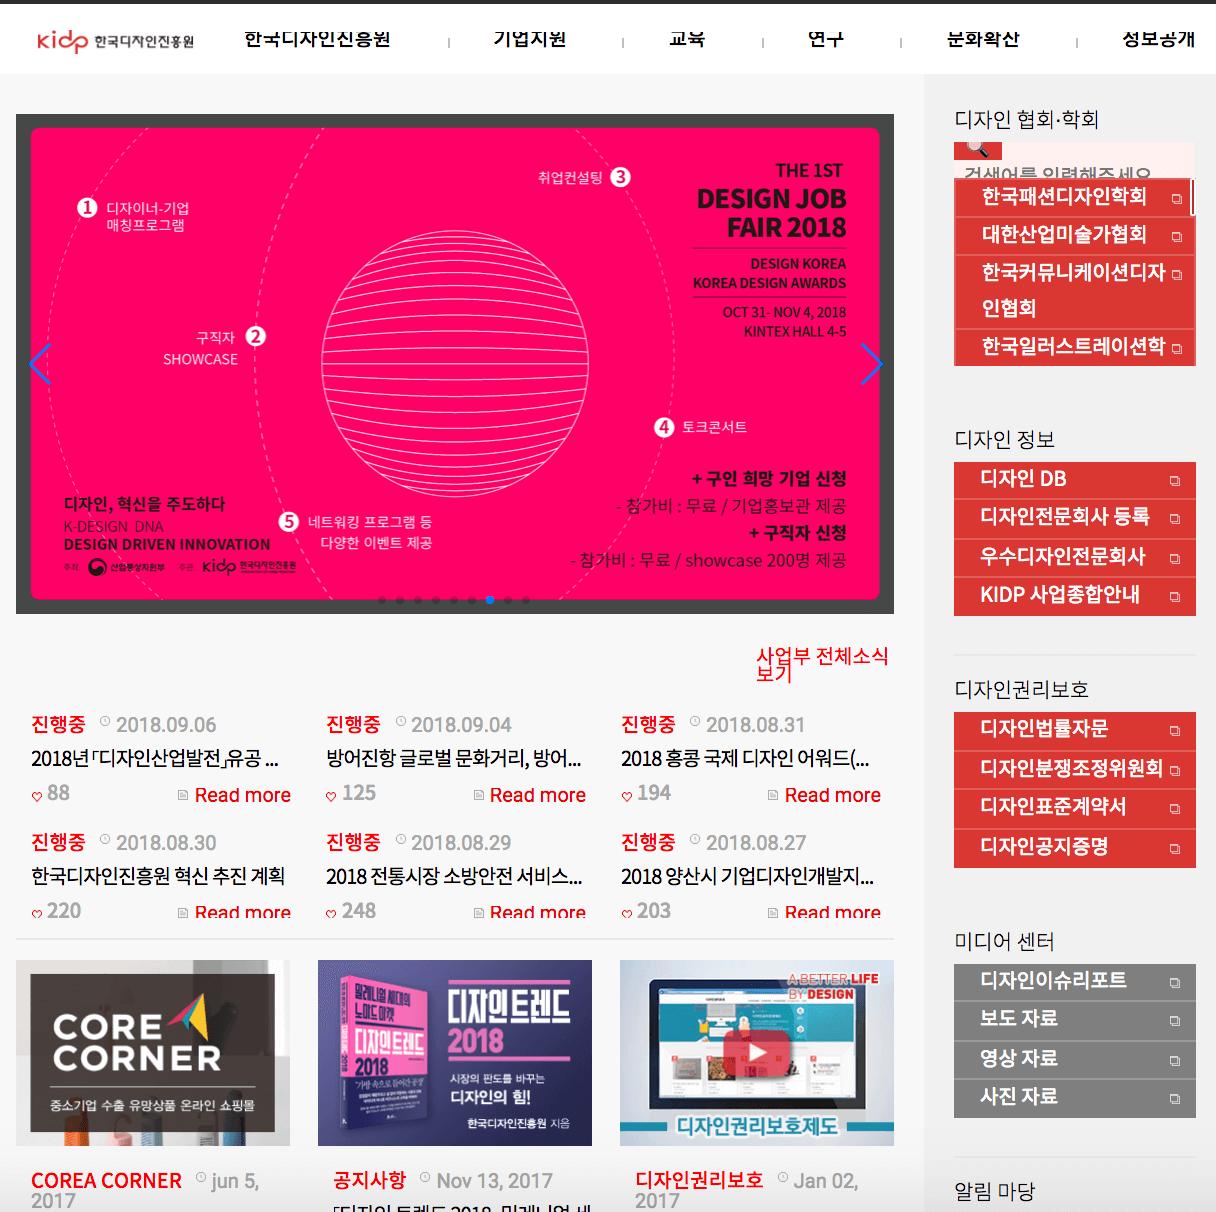 한국디자인진흥회